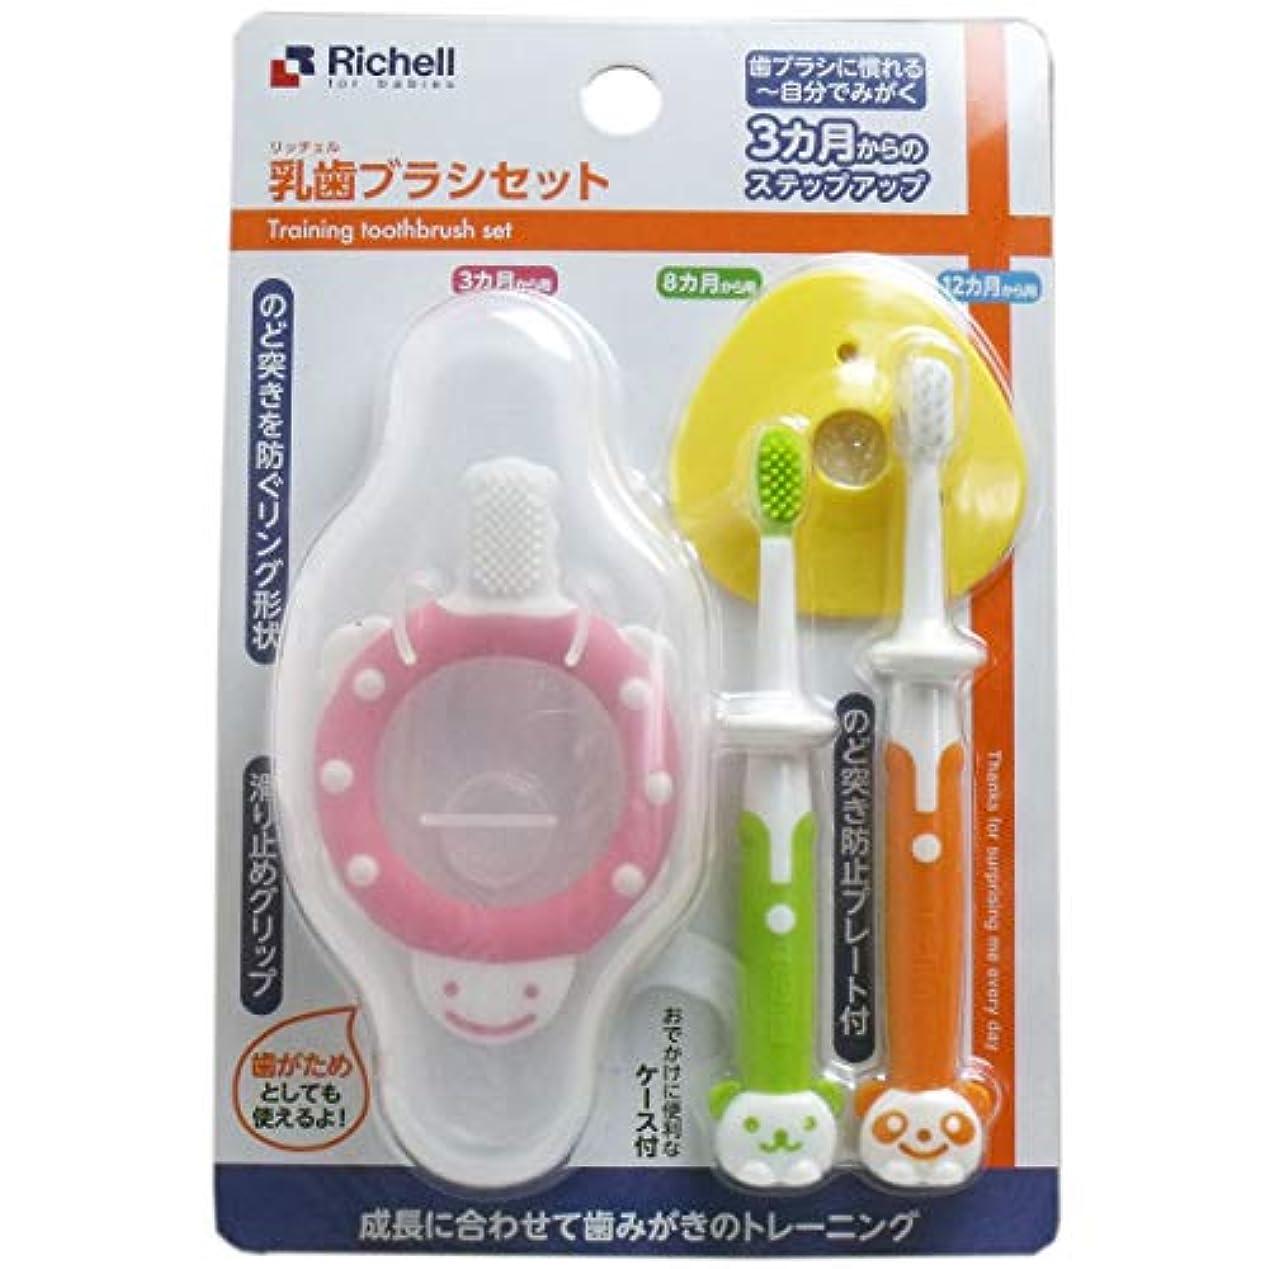 リッチェル 使っていいね! 炊飯器用おかゆ調理器 耐熱ガラス製